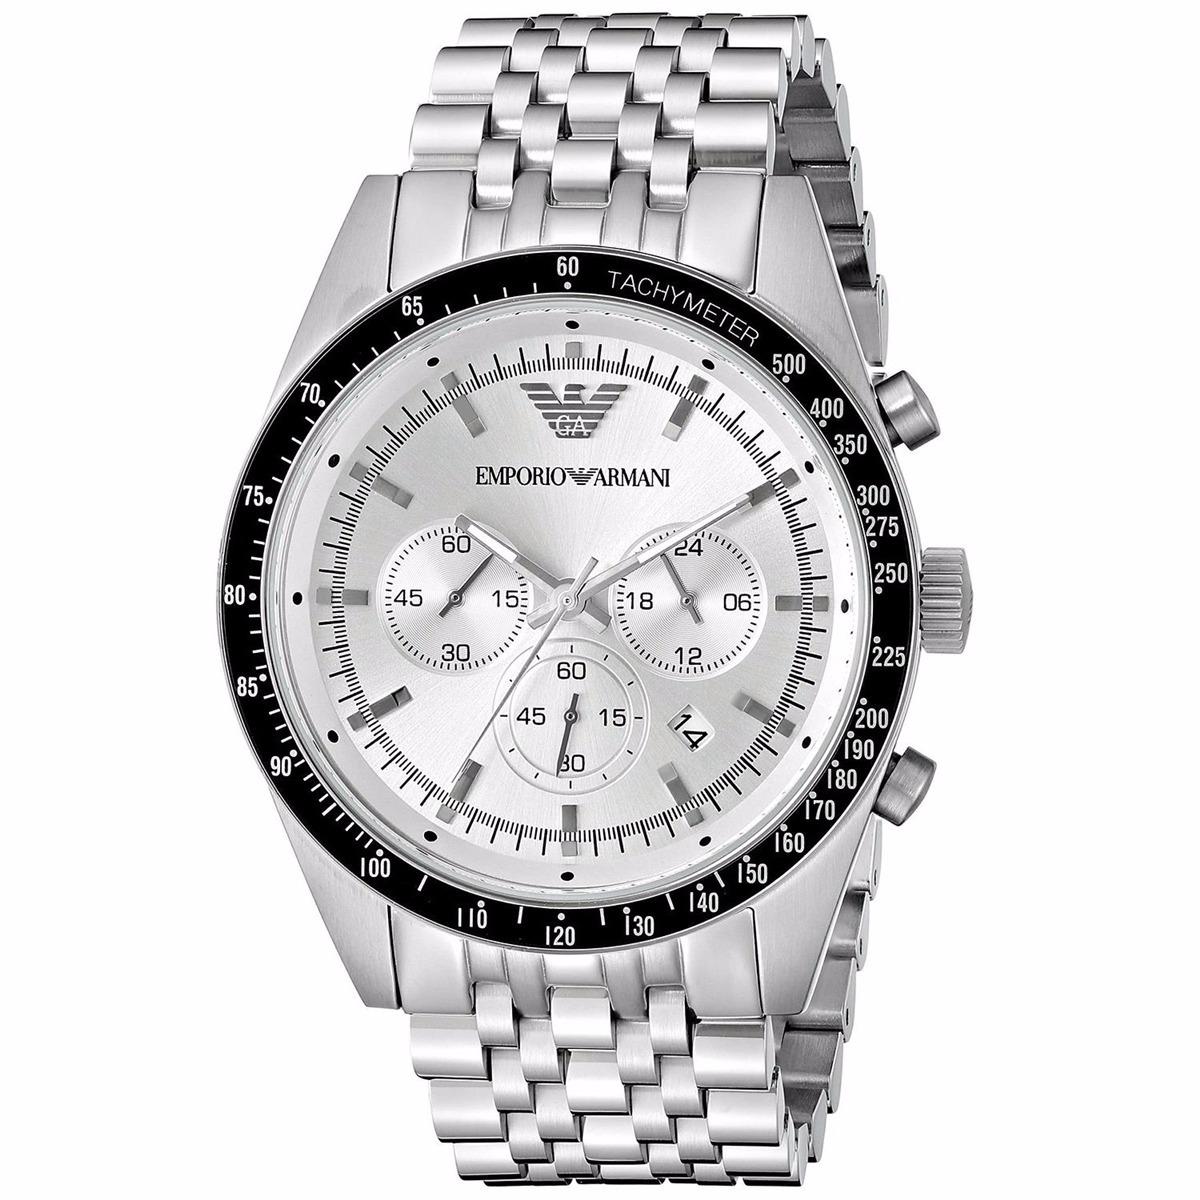 2a22793536916 ... Relógio Emporio Armani Masculino Aço Ar6073 Oferta - R 367,99 em .